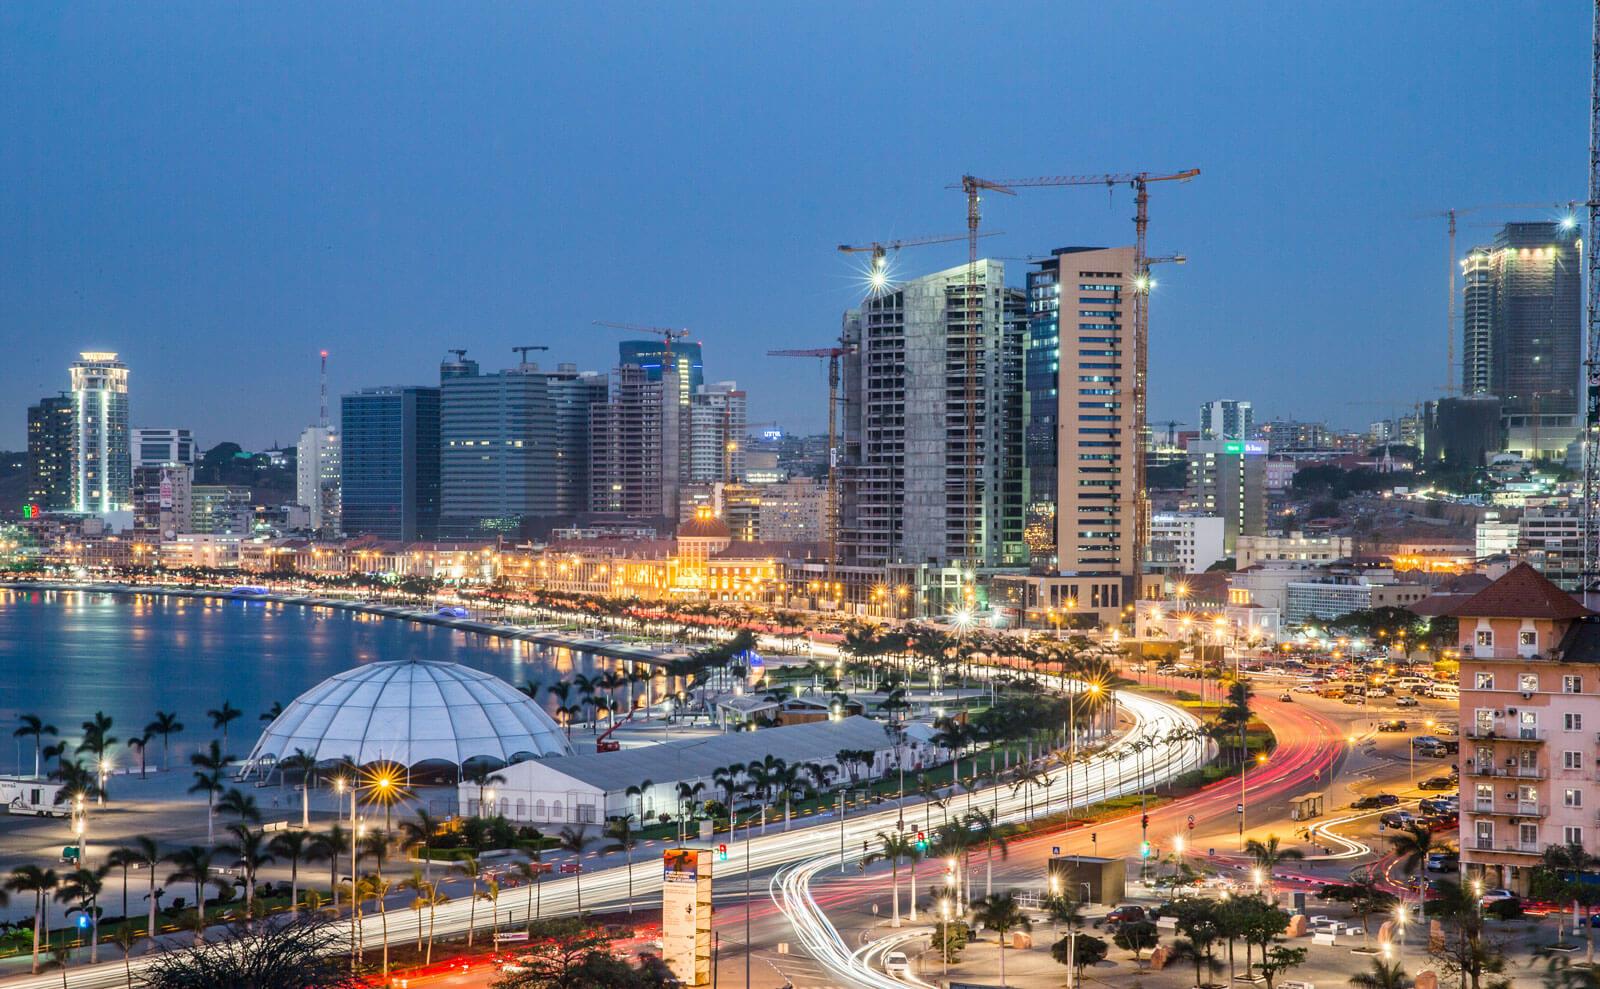 Les 8 plus belles villes d'Afrique